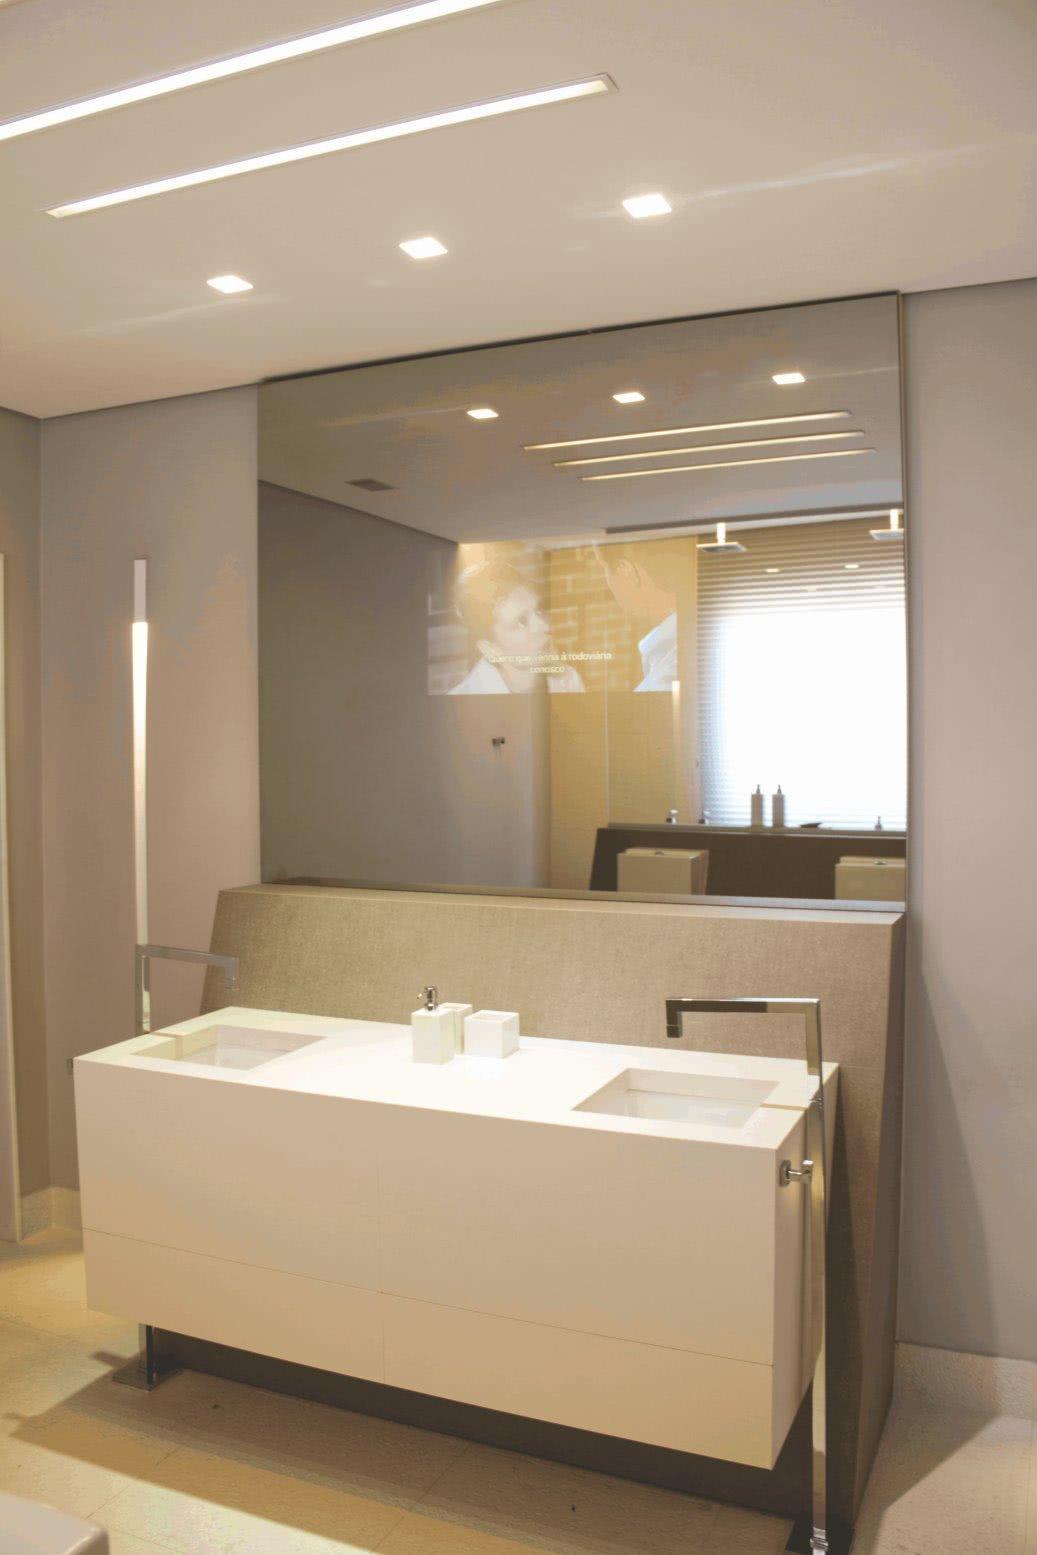 22 – Televisão embutida na parte central em espelho de banheiro #896C42 1037x1555 Banheiro Com Banheira E Tv